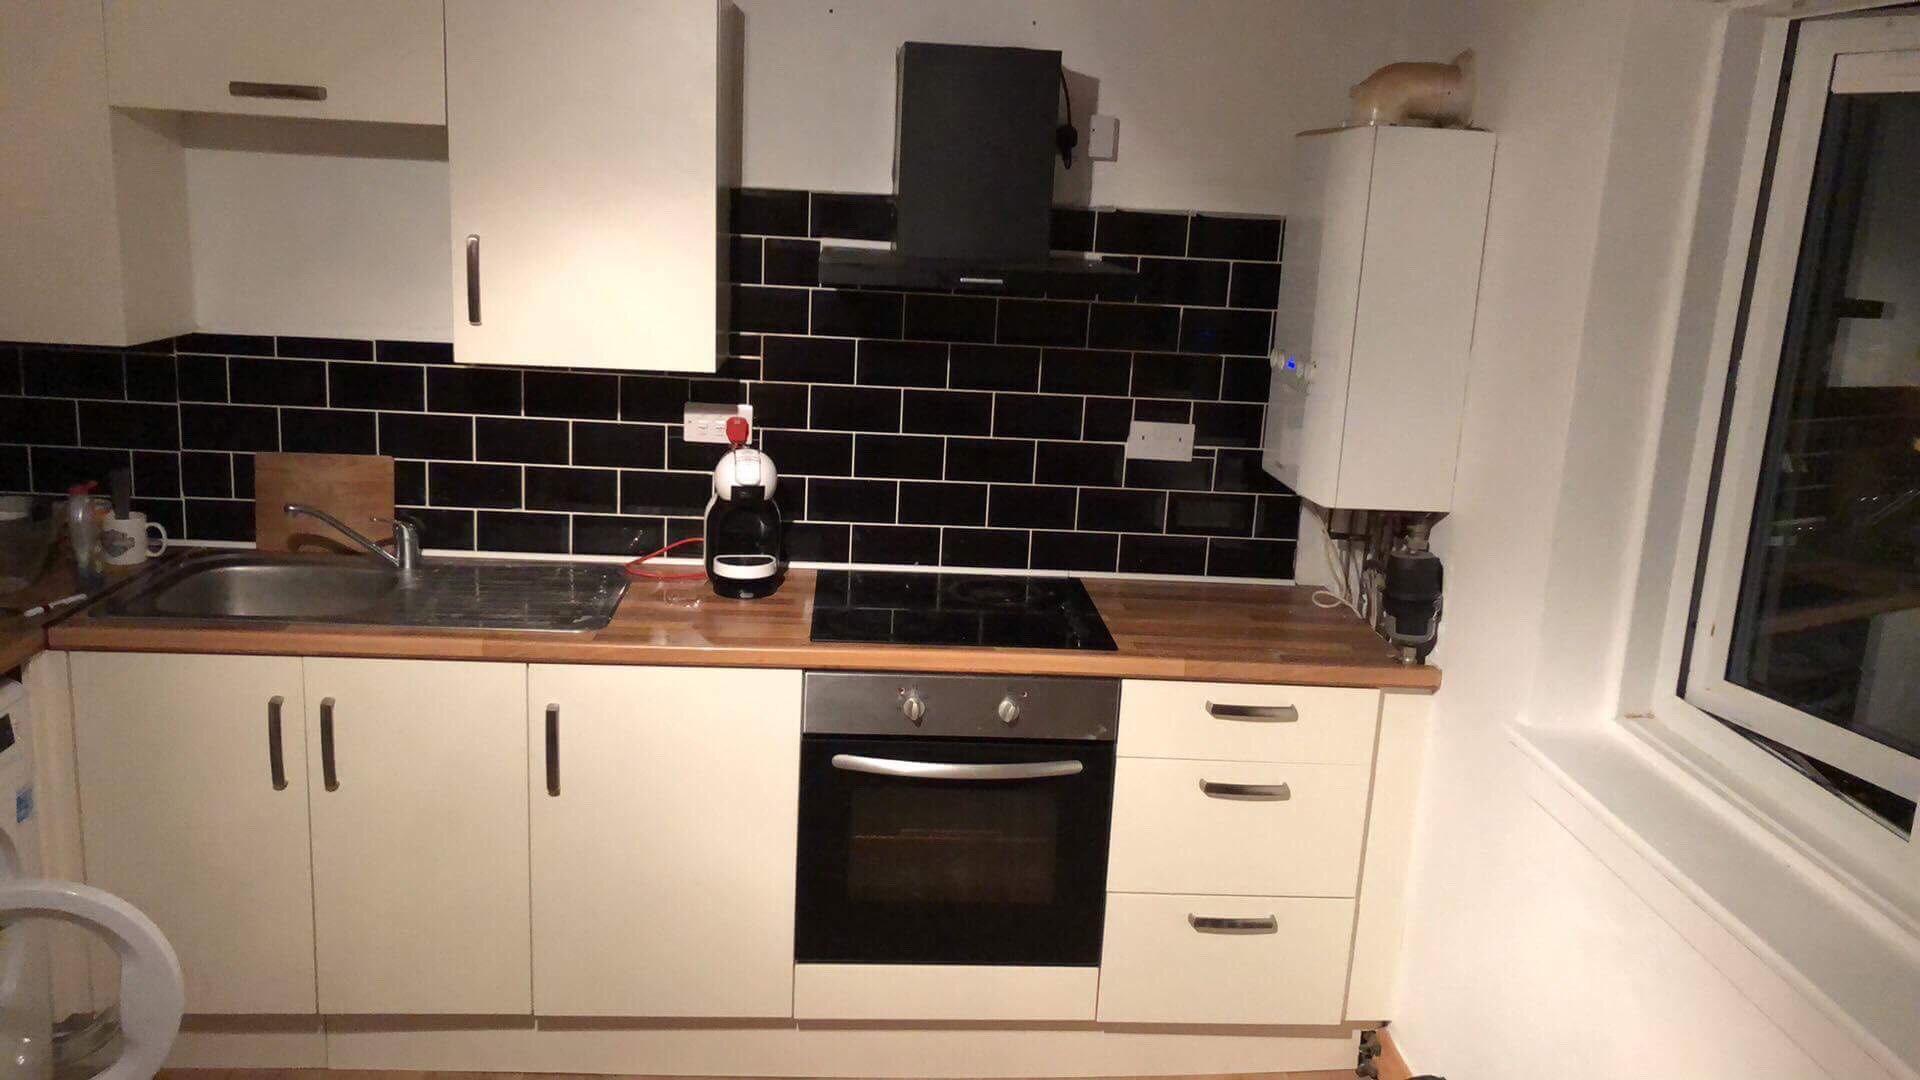 1 room in Milton Keynes, Milton Keynes, MK14 7AH RoomsLocal image